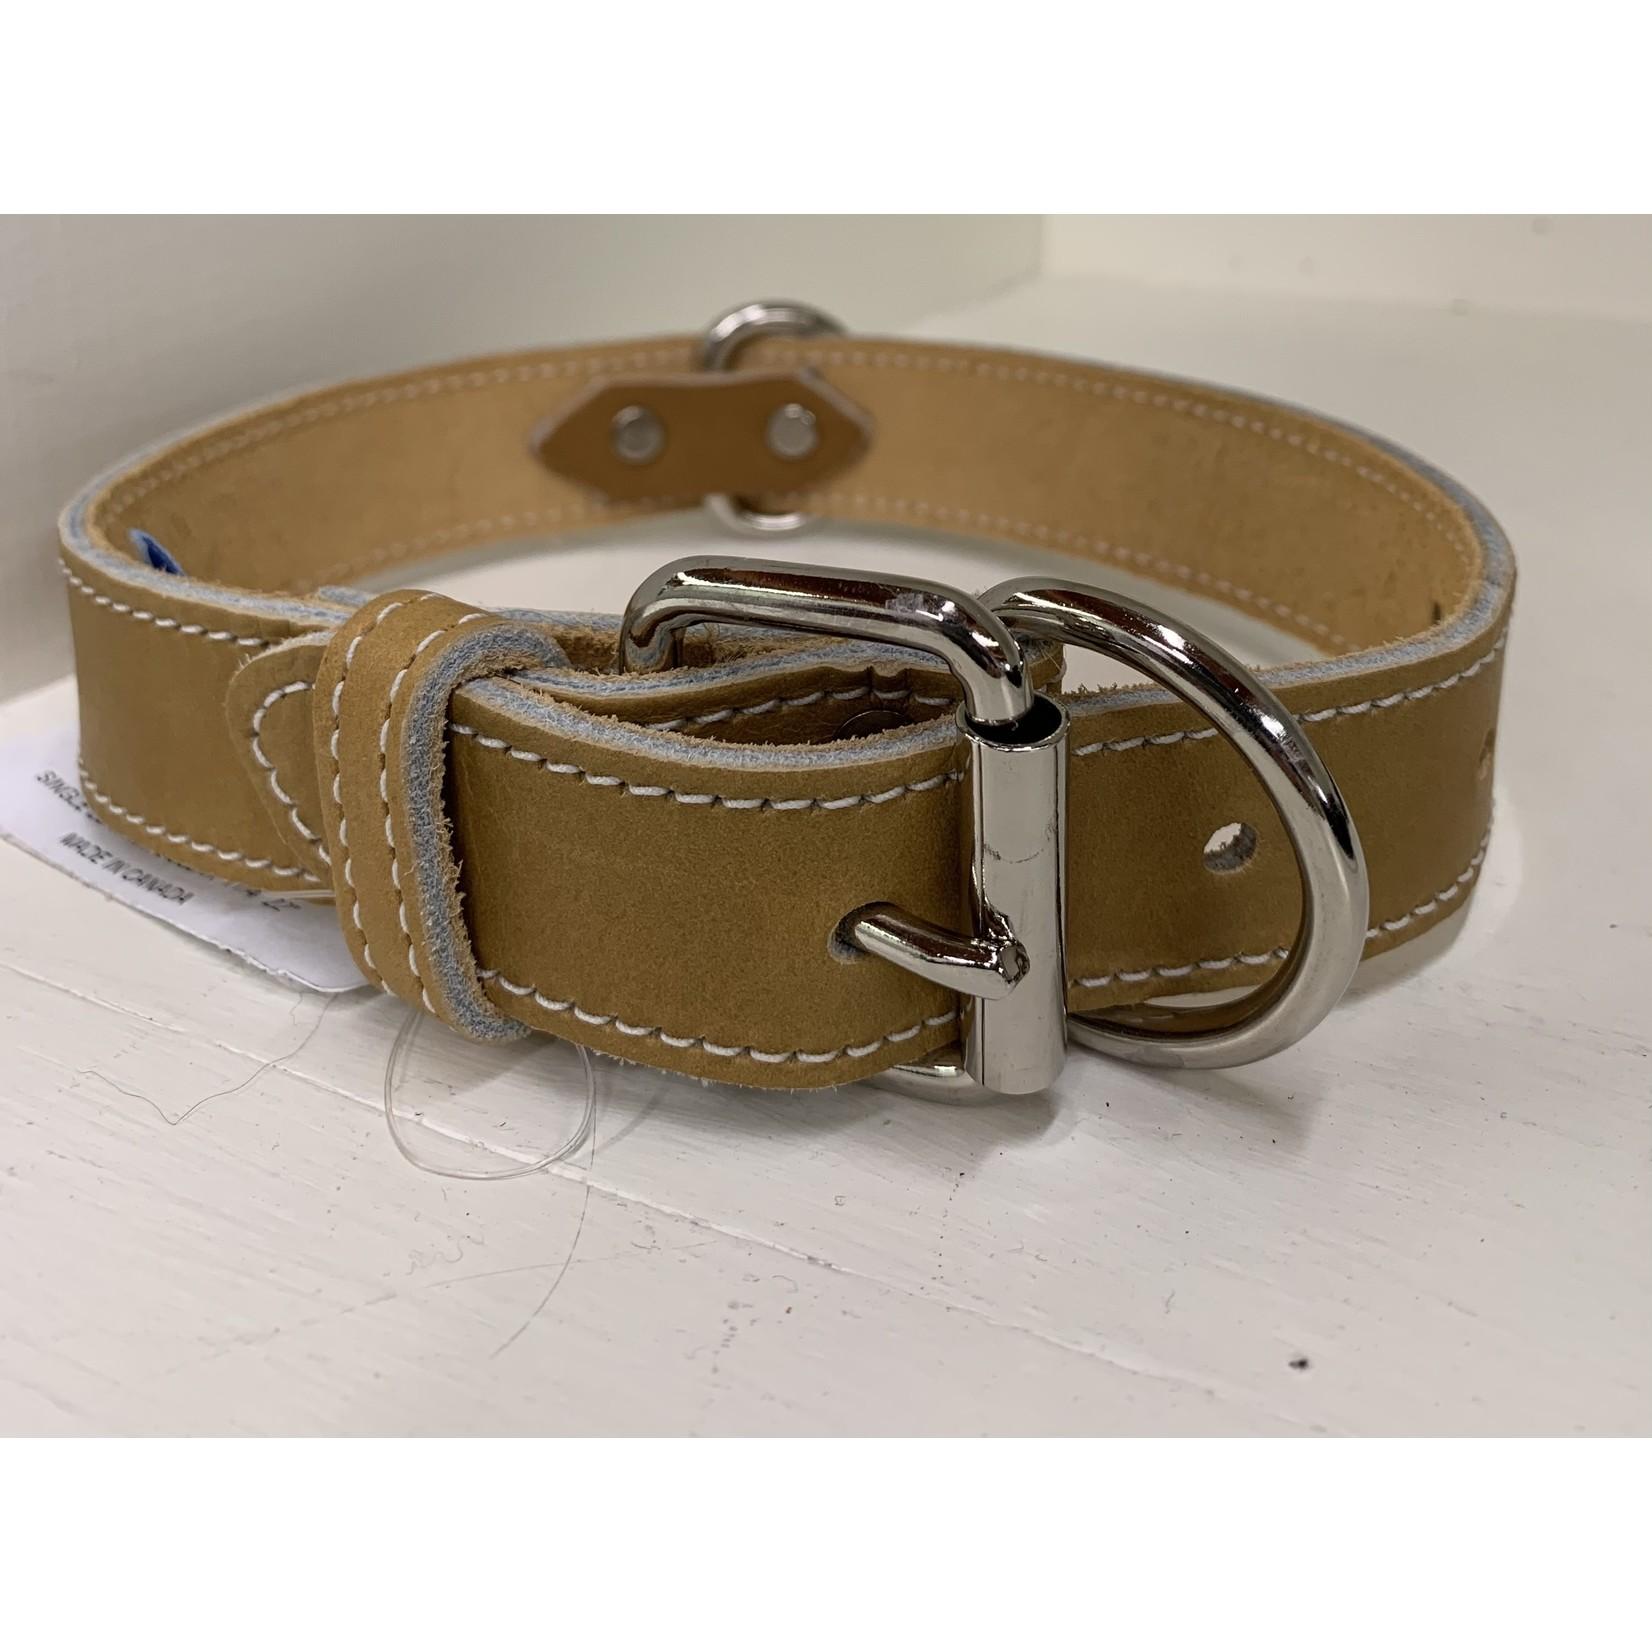 Leather Collar Tan 1 1/4x24in